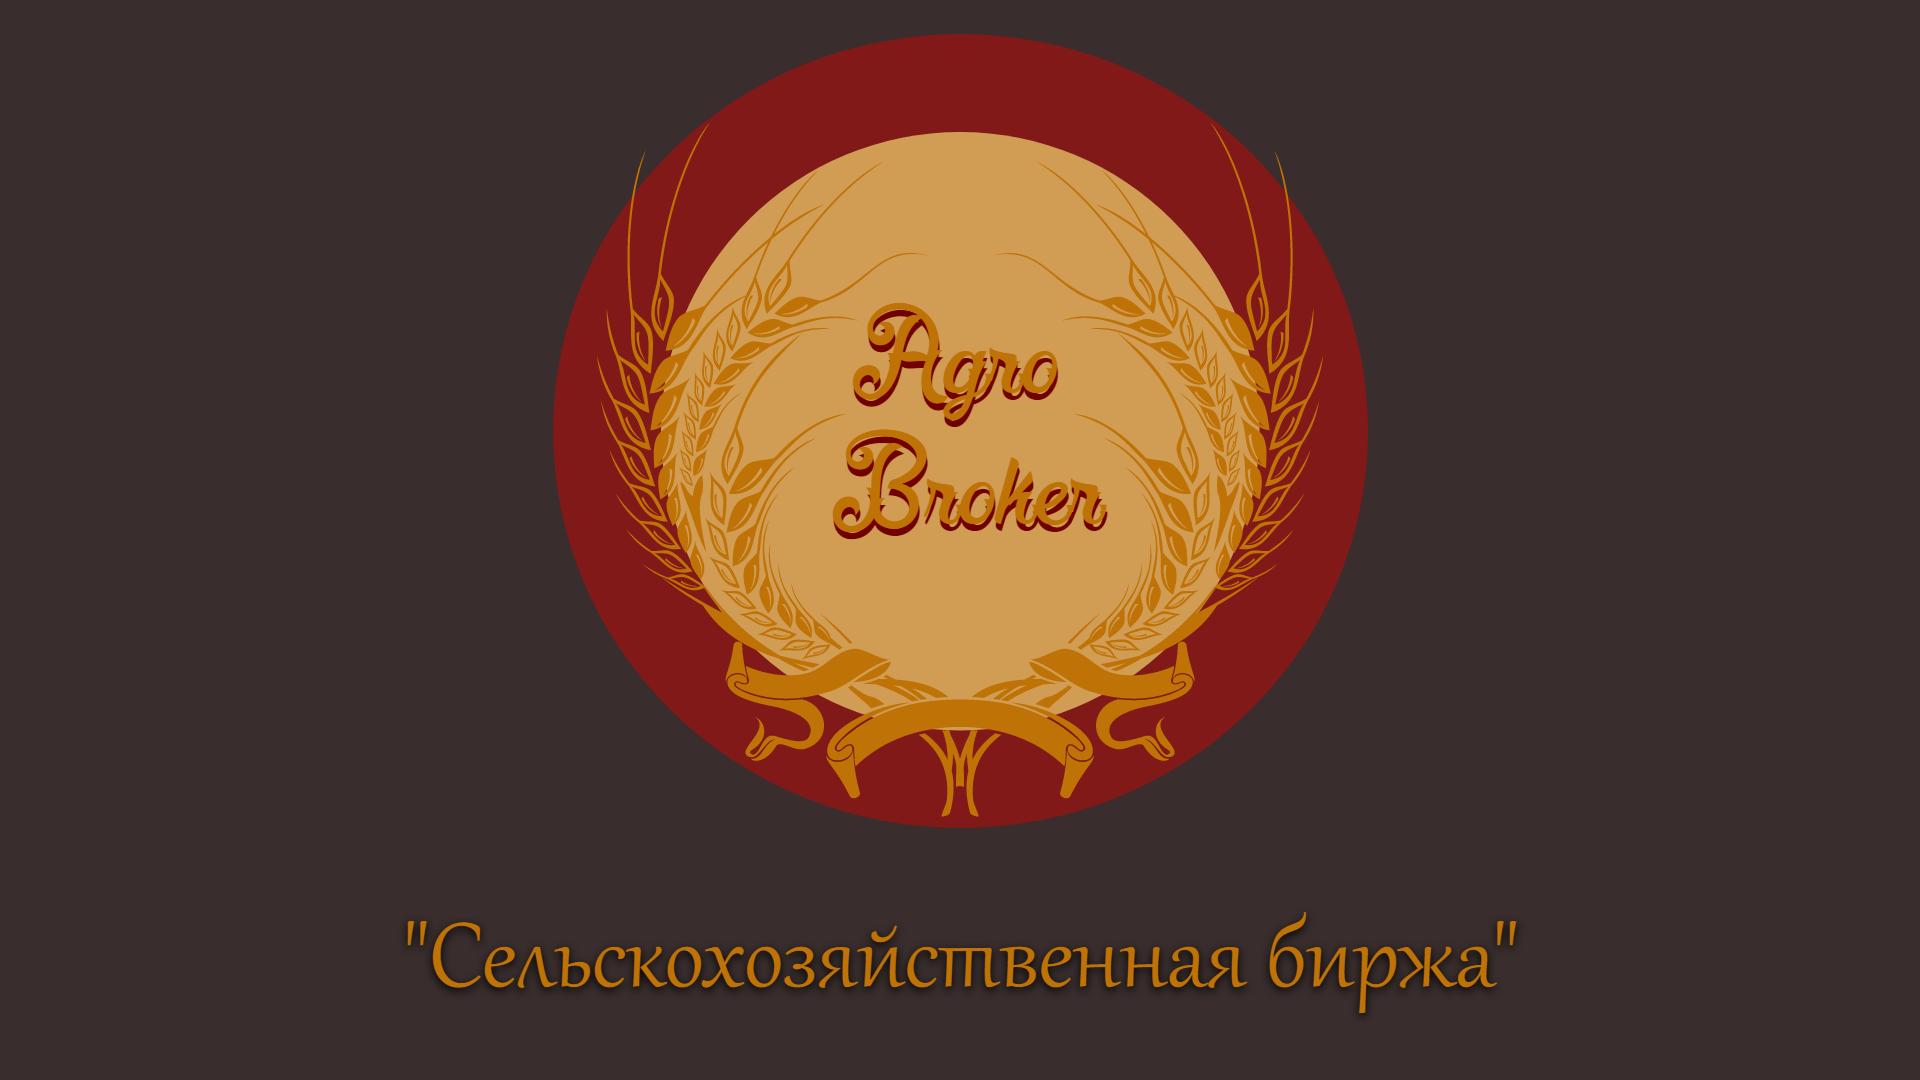 ТЗ на разработку пакета айдентики Agro.Broker фото f_524596660a7523c3.png